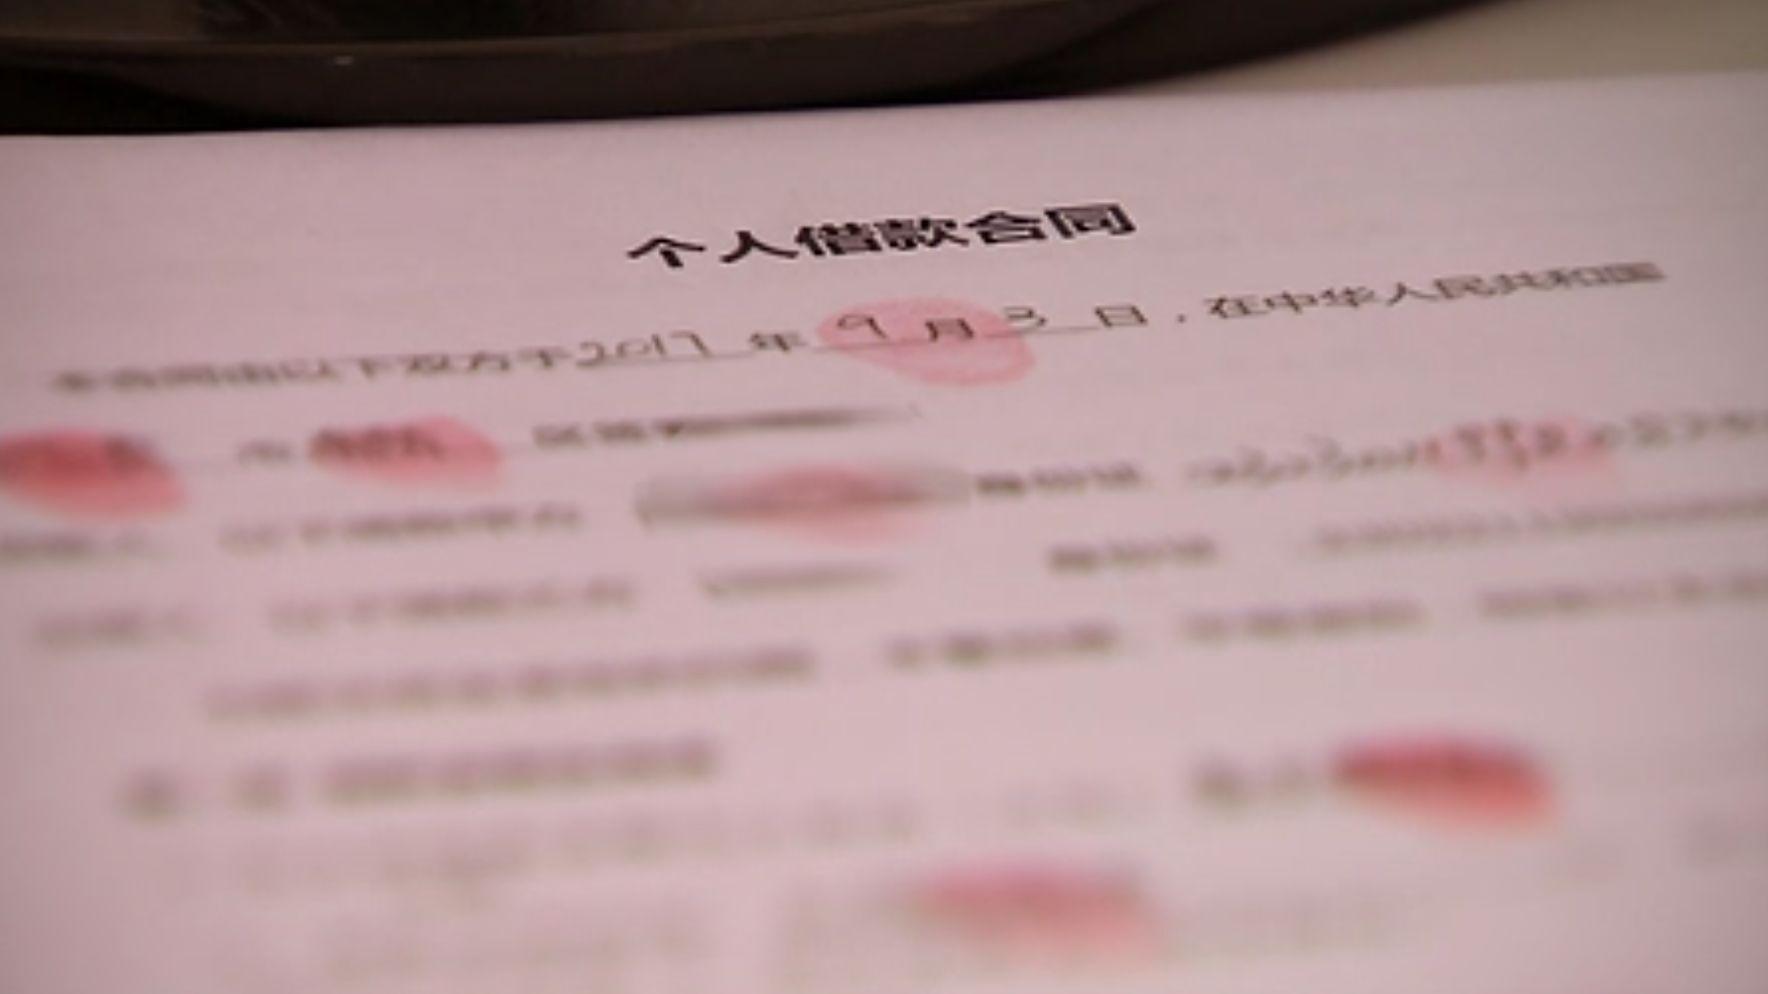 女大学生借贷千元半年滚成18万 被逼当陪酒女还钱